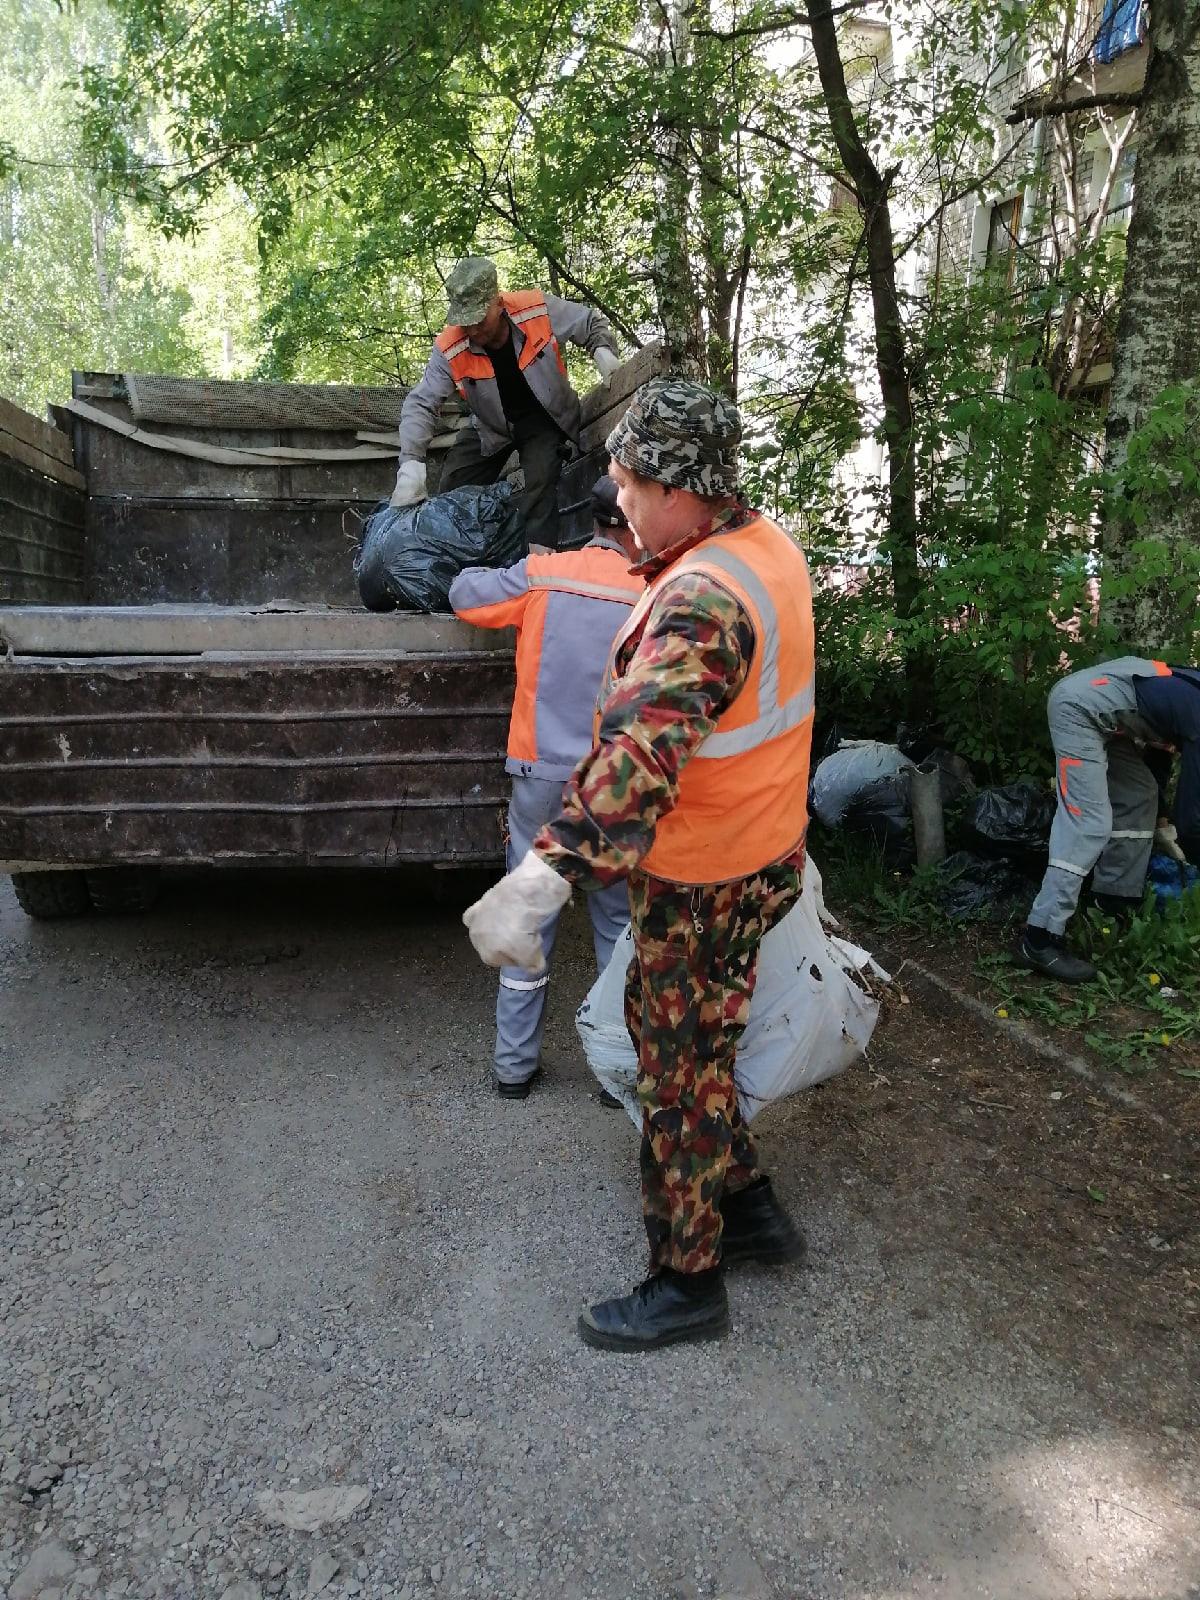 Вывоз мешков с мусором Чернышевского 32,34 Добролюбова